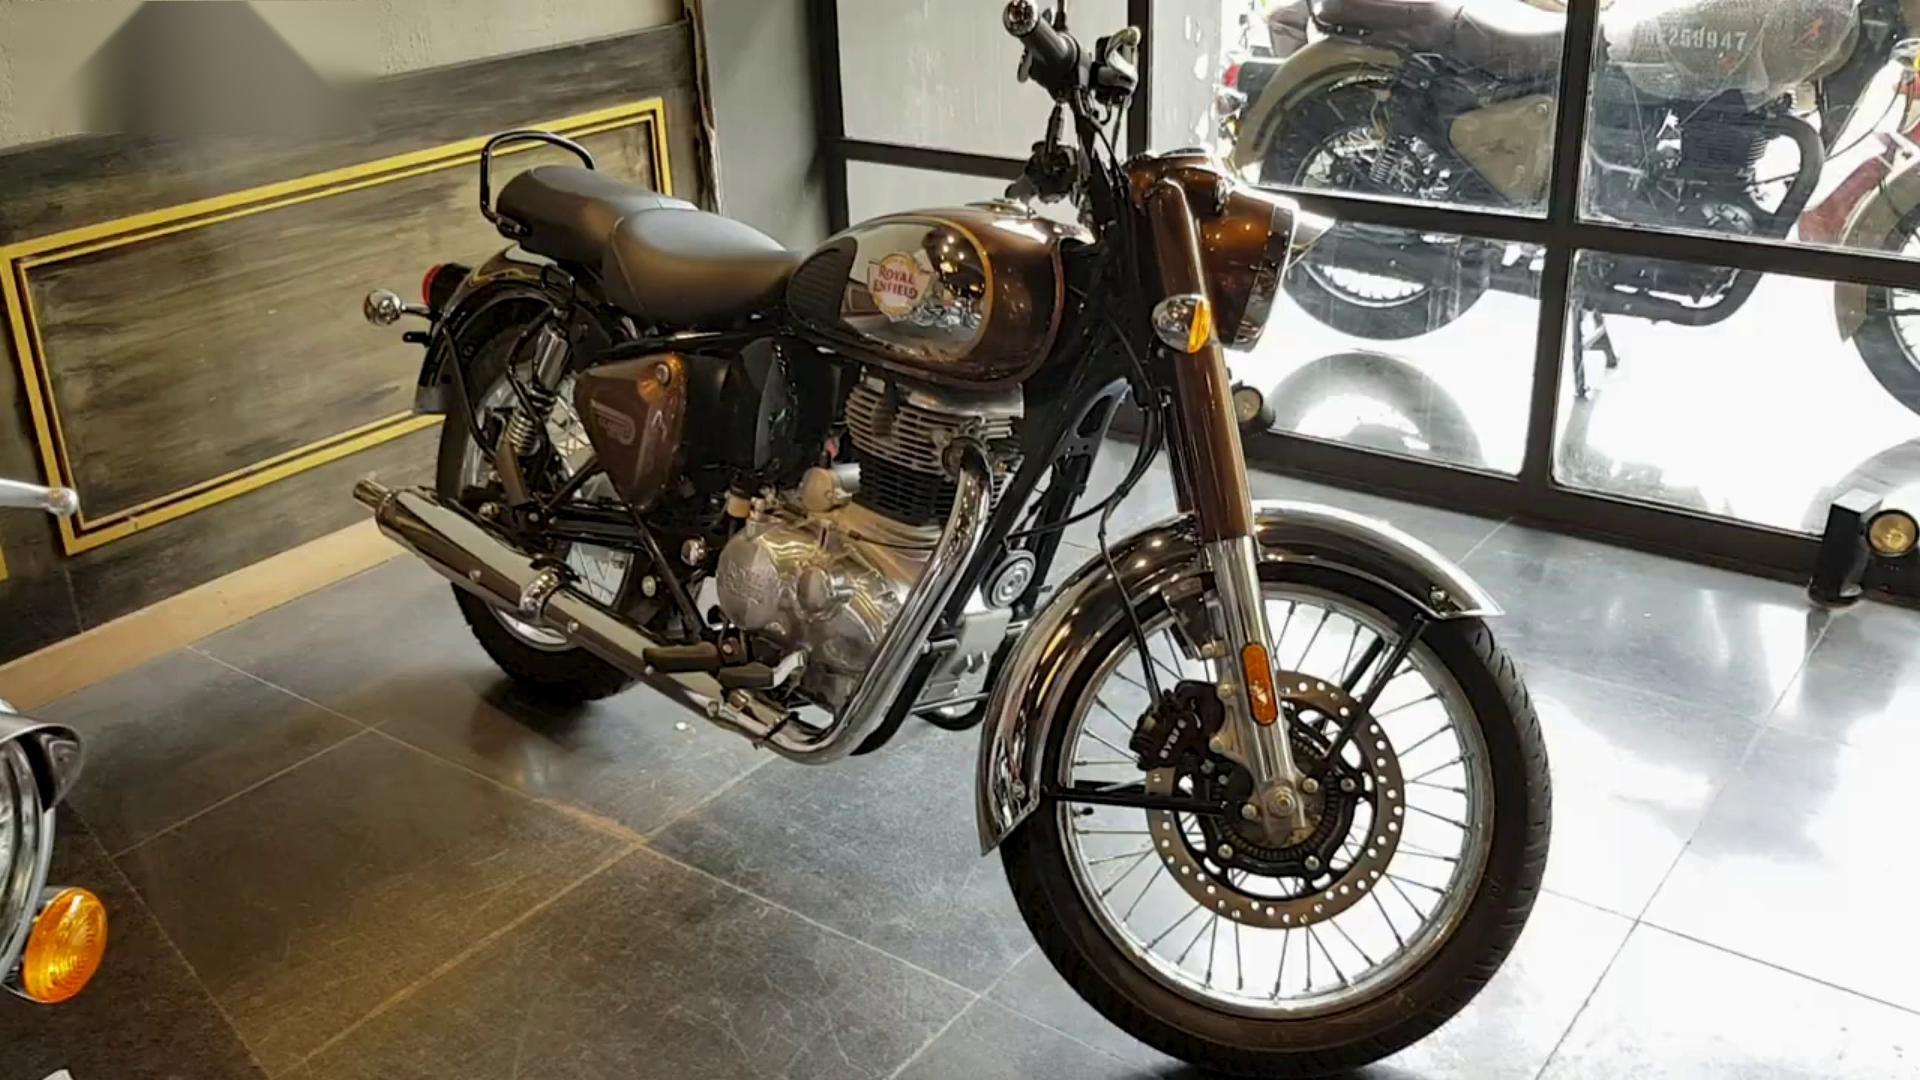 2021款皇家恩菲尔德Classic 350(铬青铜)实拍